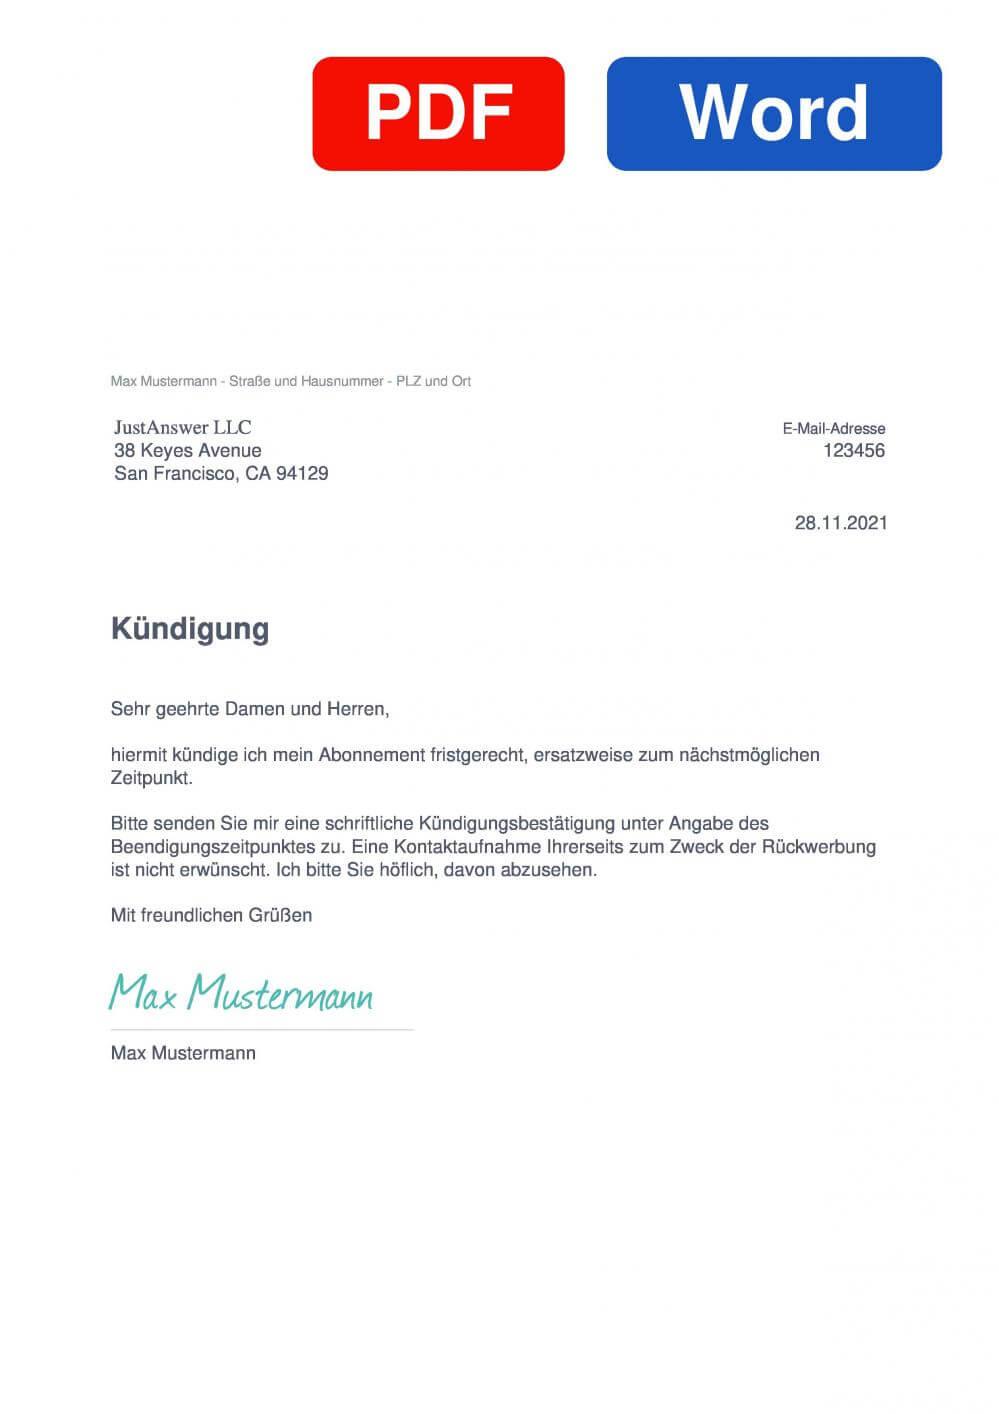 JustAnswer.de Muster Vorlage für Kündigungsschreiben